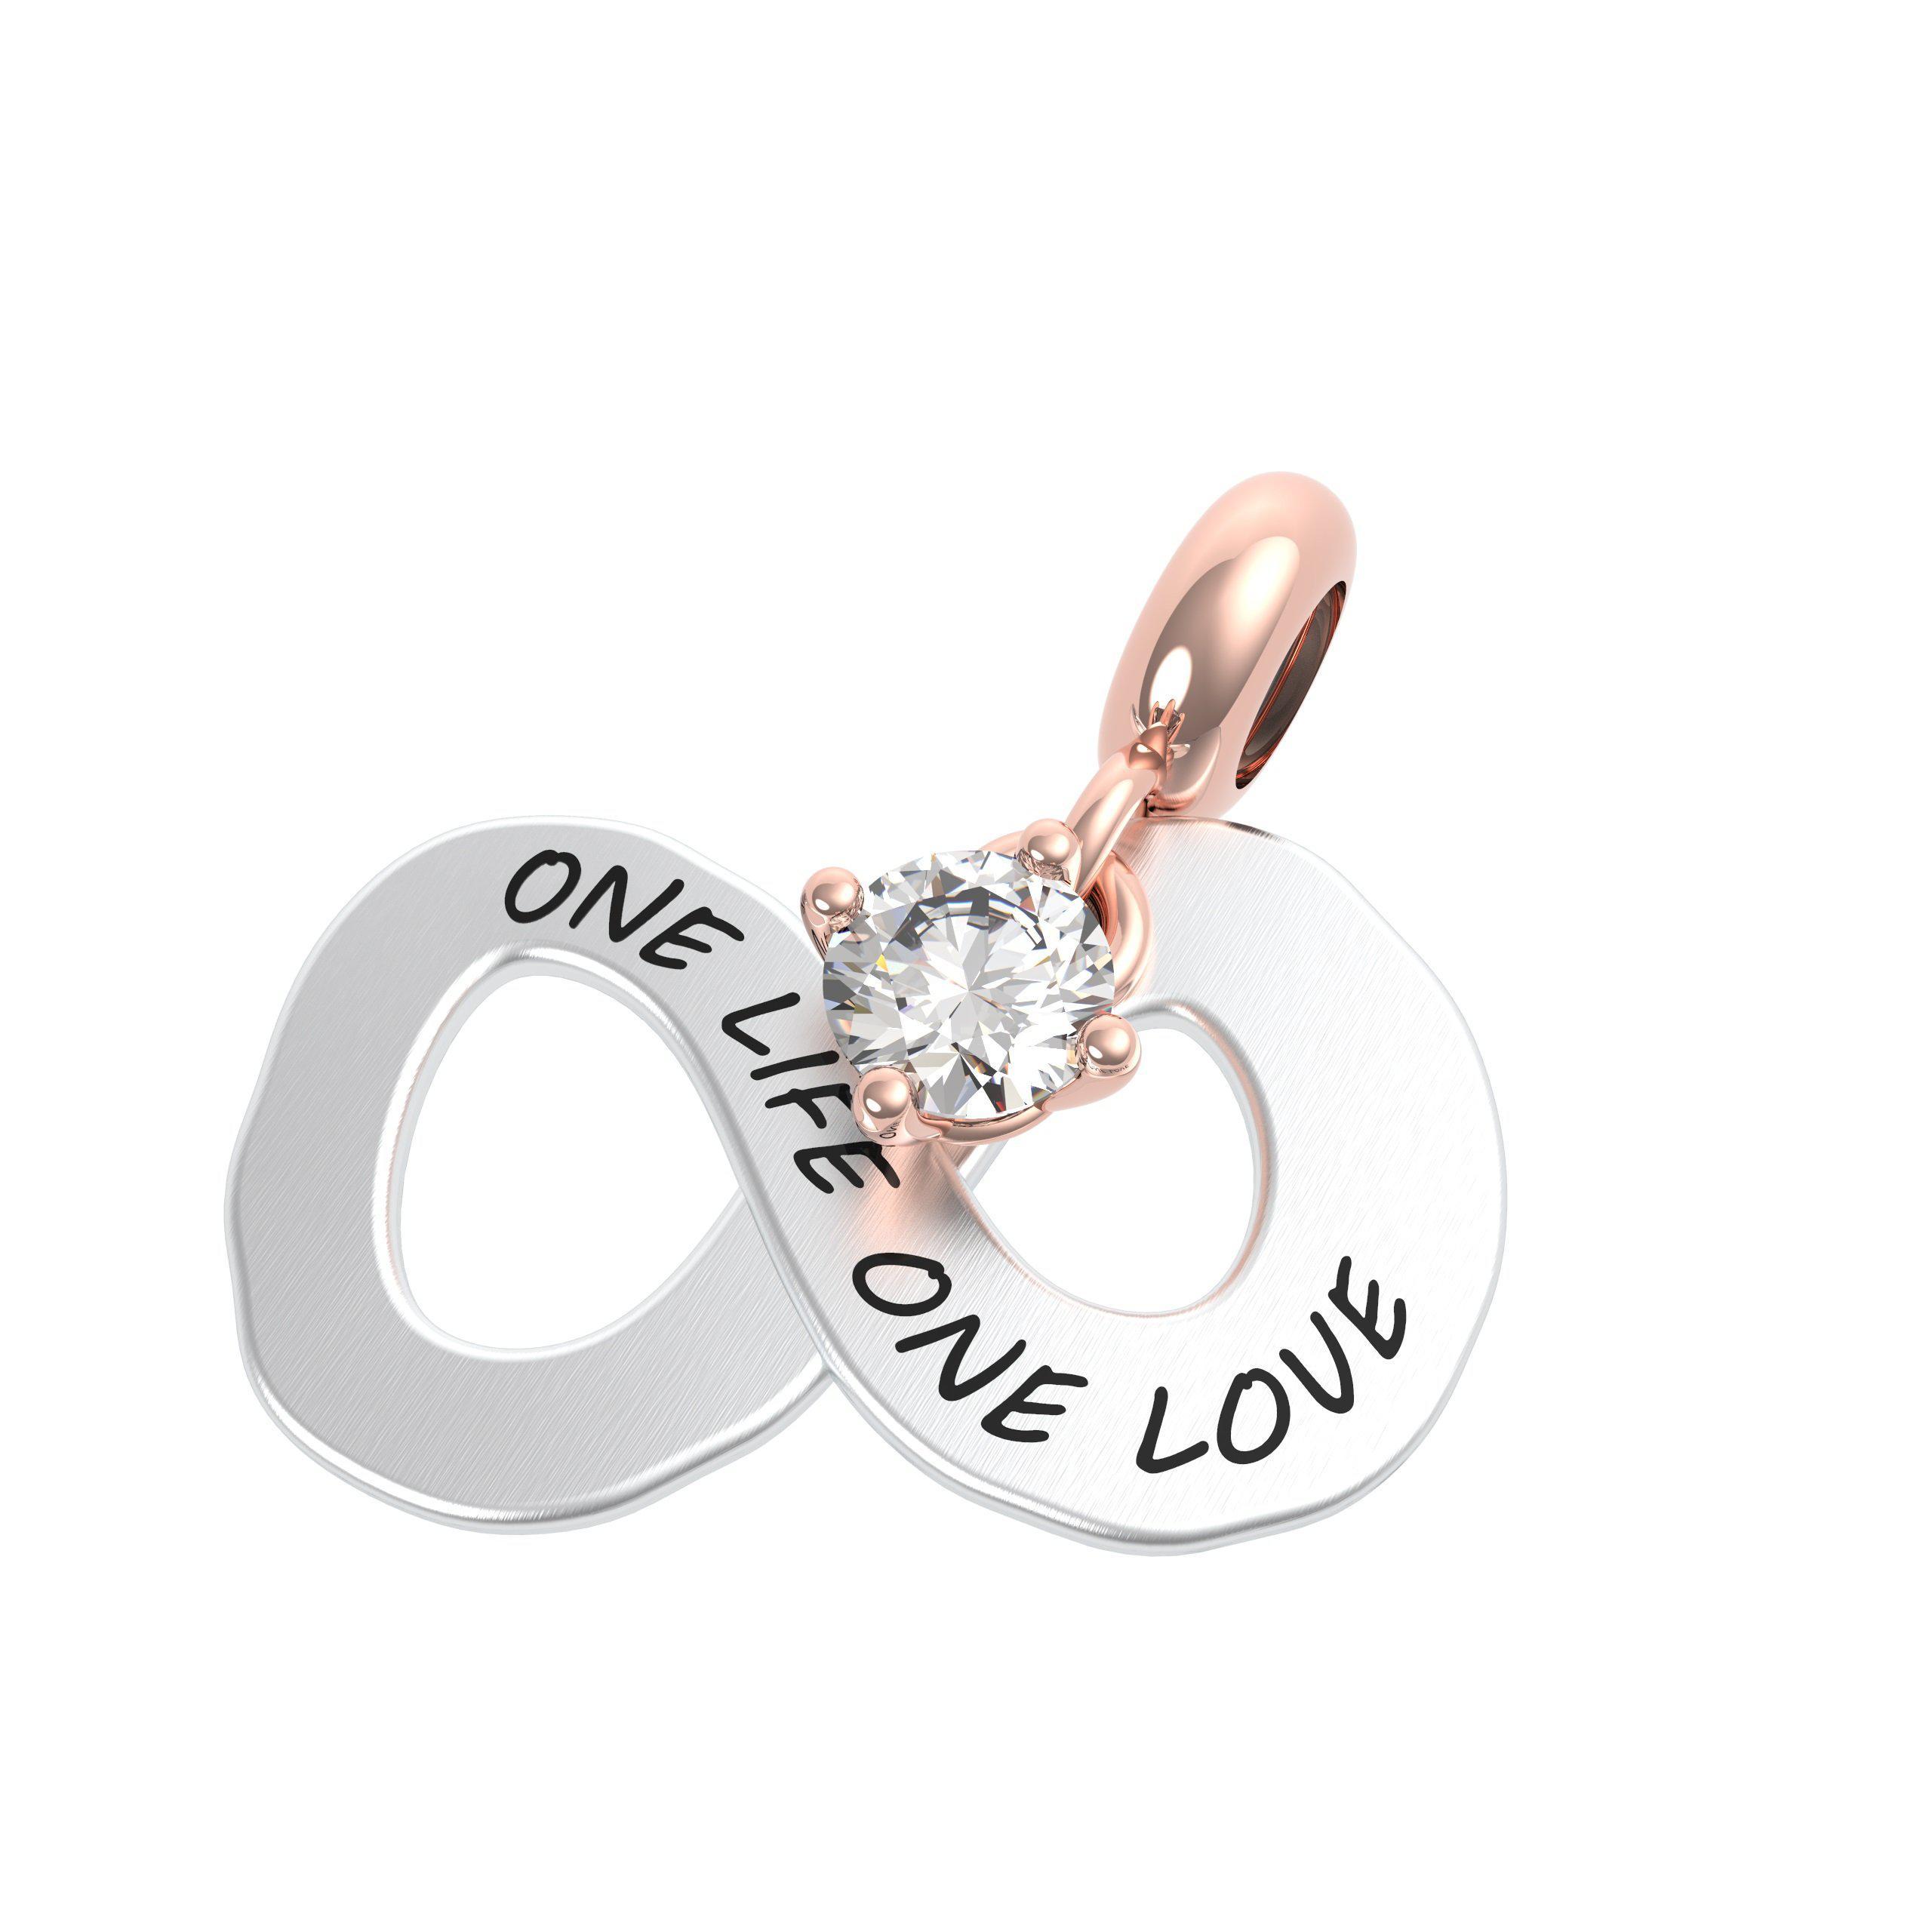 25067 Cristallo di rocca Amore